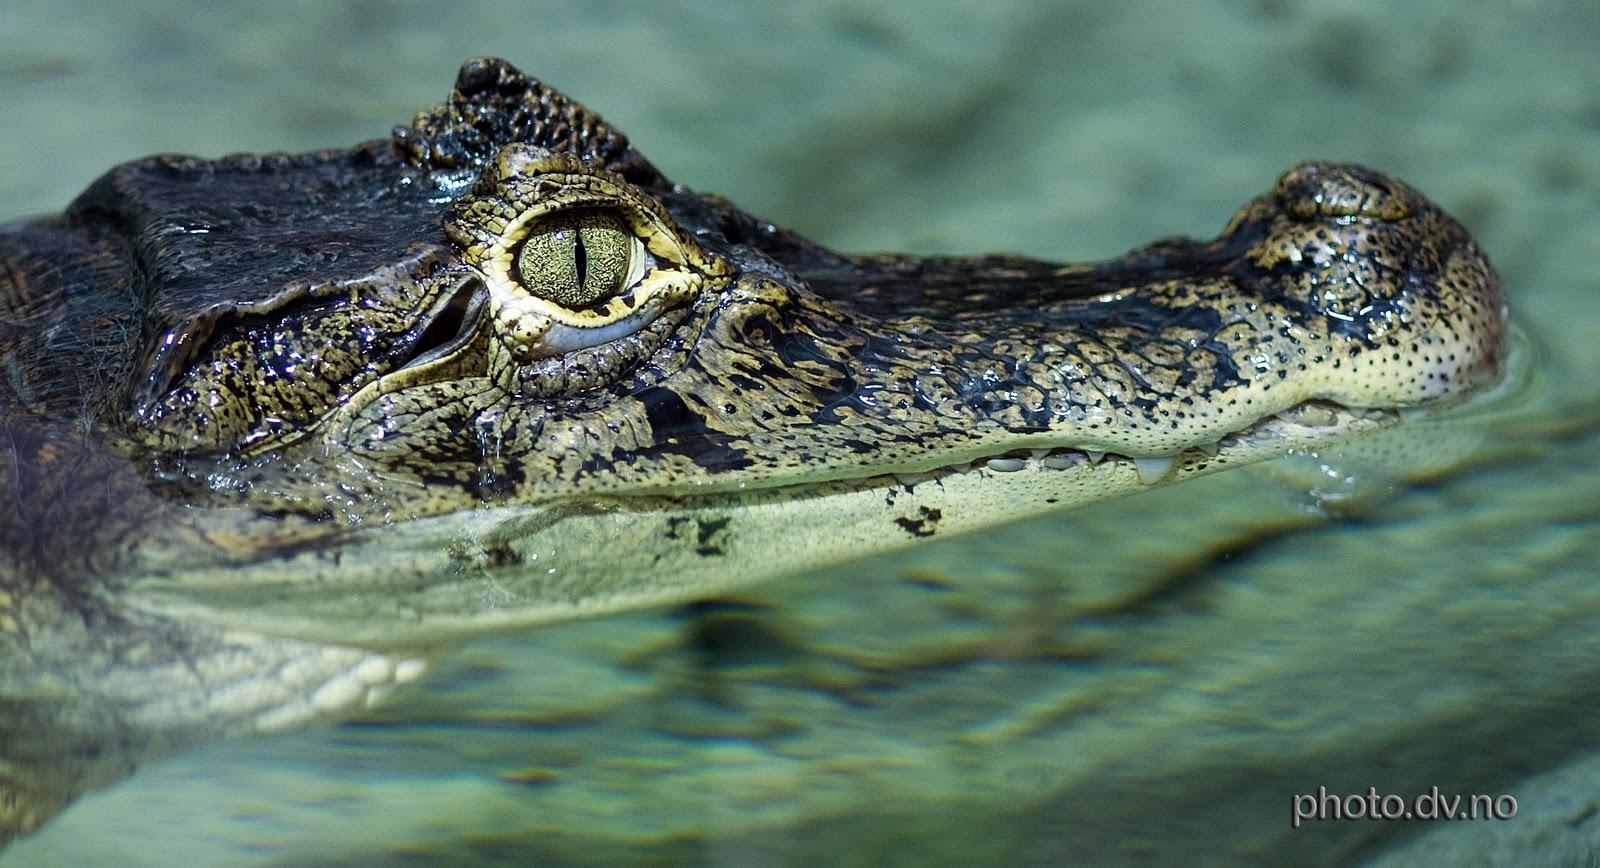 H D Reptiles Break comcs: Reptiles ...